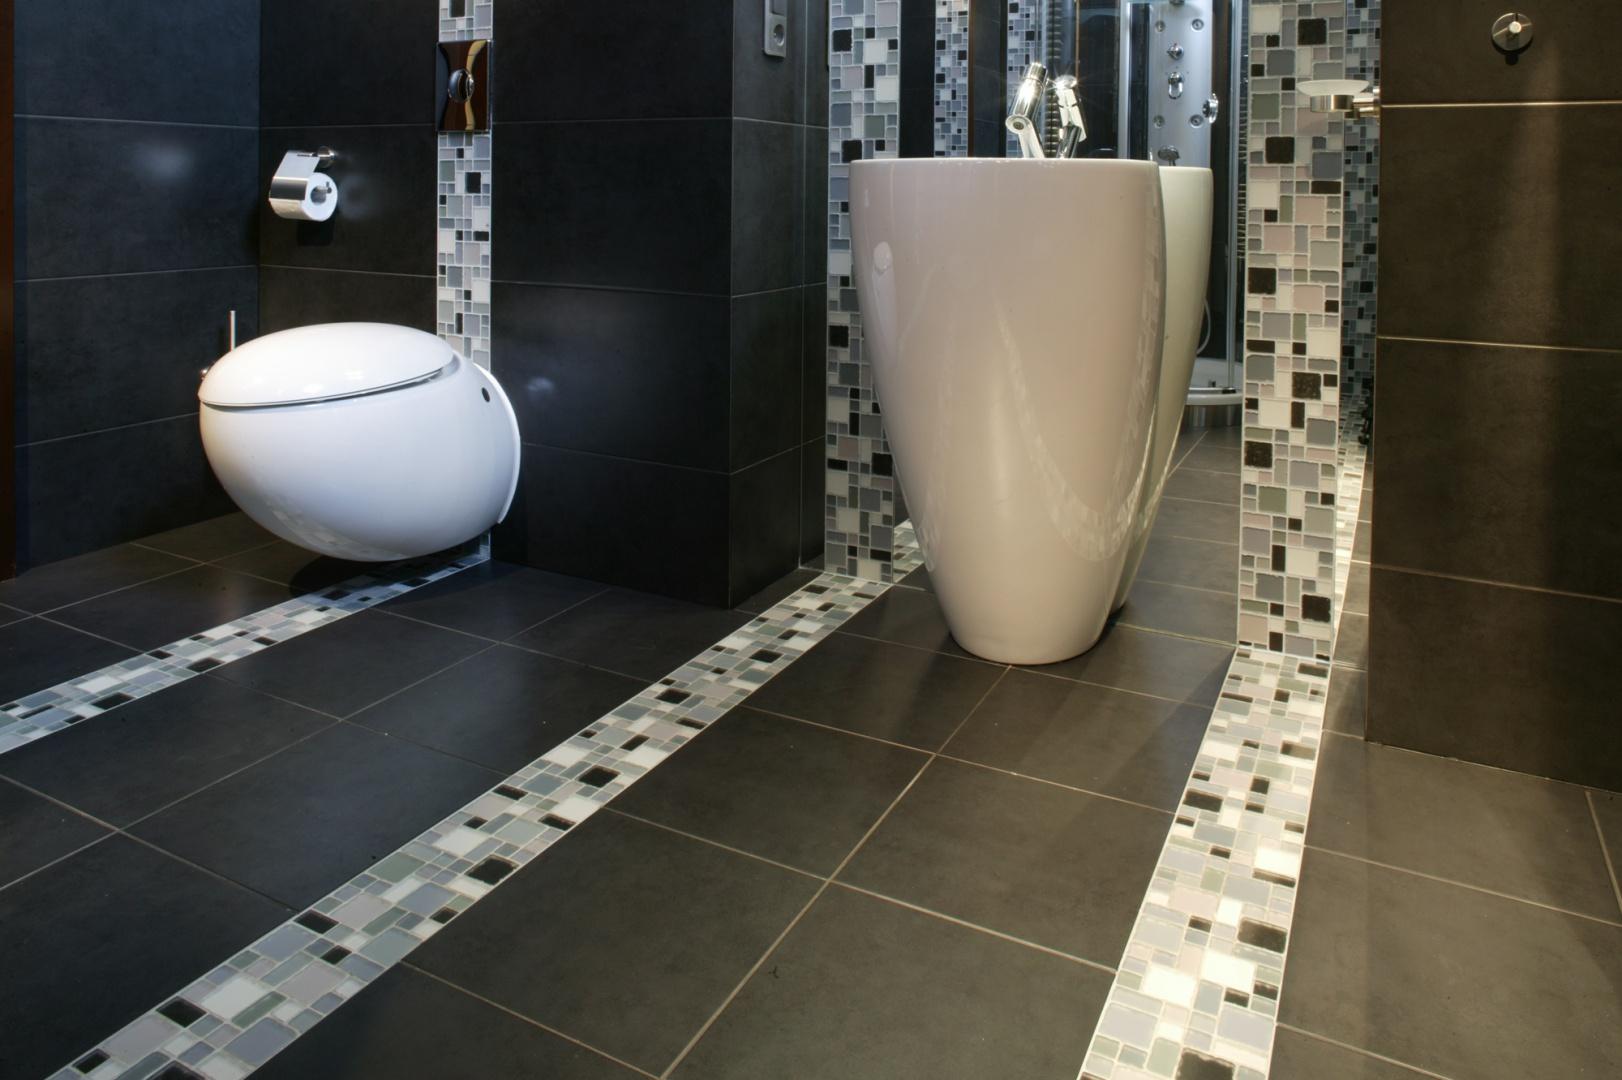 Ceramikę sanitarną akcentują pasy mozaiki ze szkła firmy Villa Glass. Fot. Monika Filipiuk.